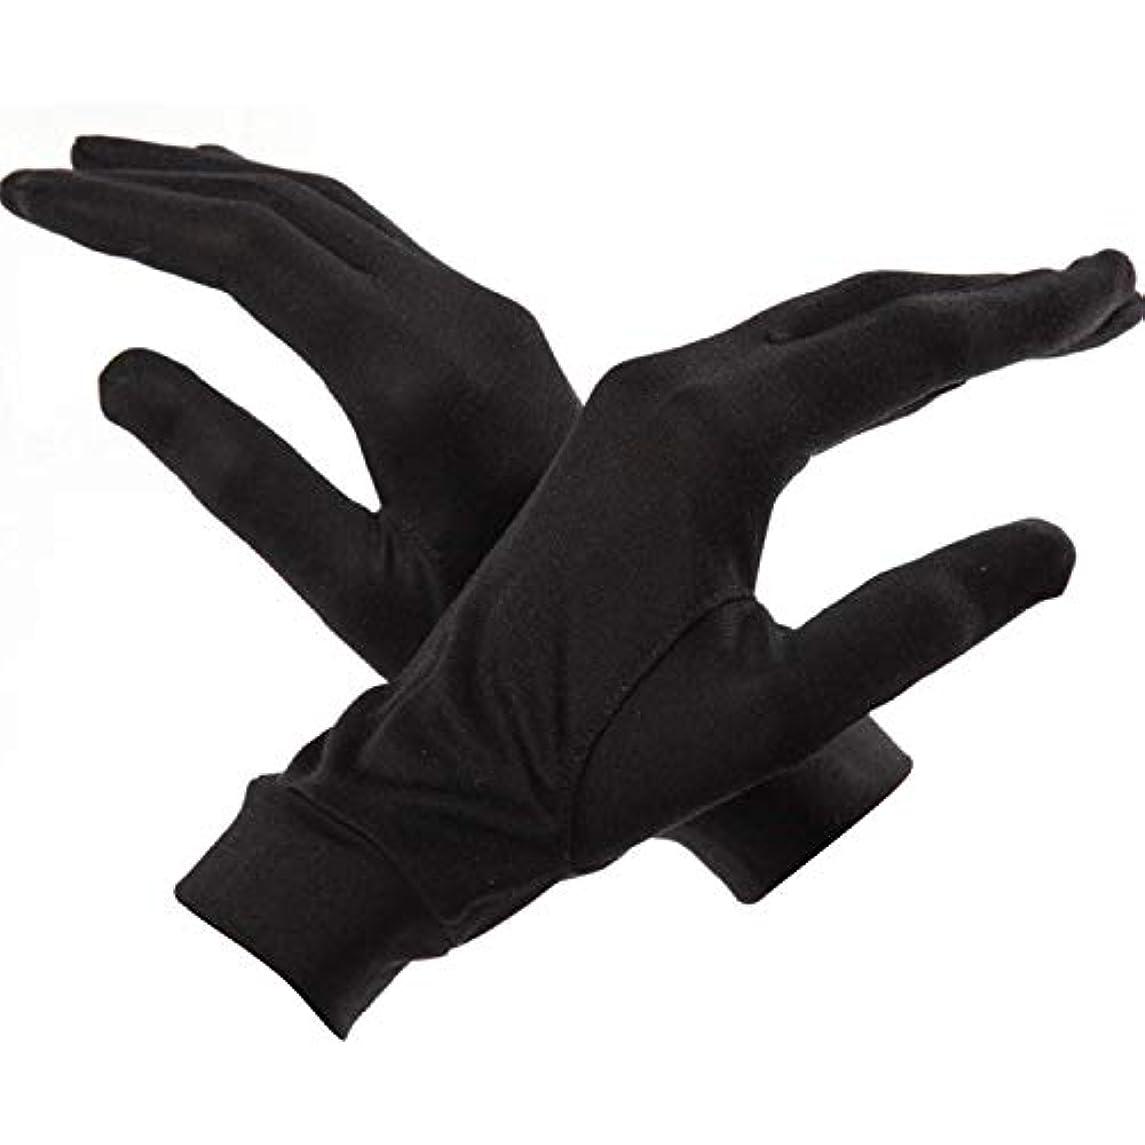 恐怖症拡散するストリーム7双組手袋 保湿ケア UVカット ハンドケア シルク シルク手袋